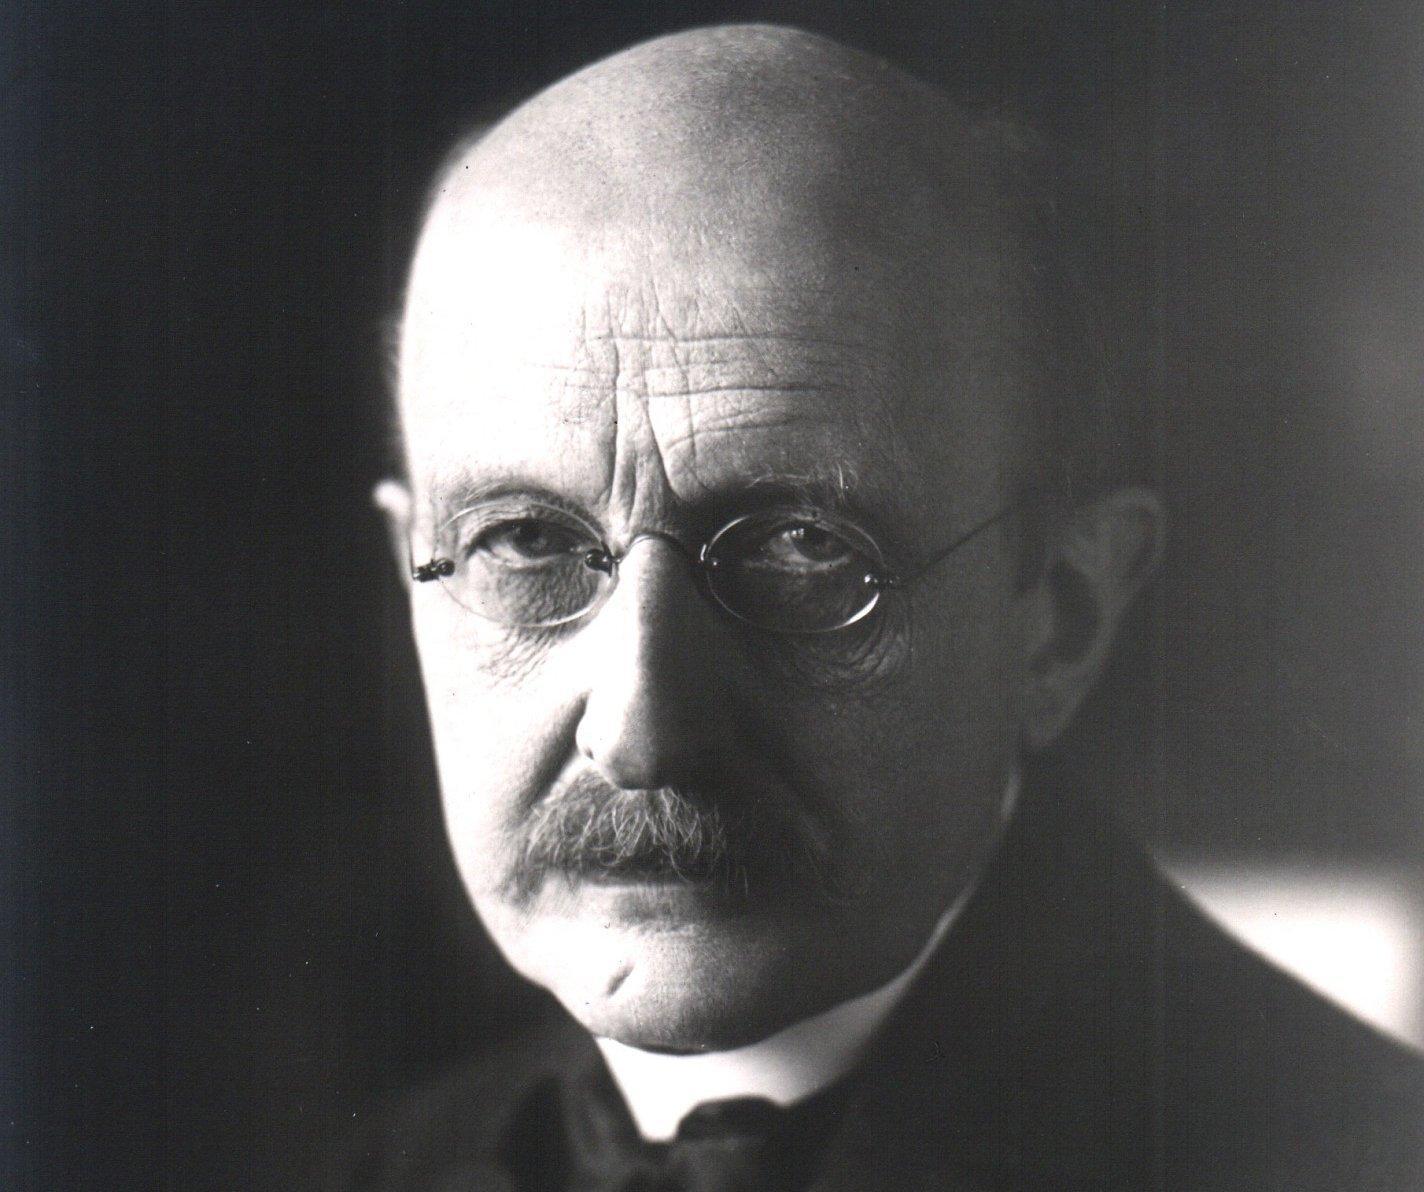 Zu sehen ist ein schwarzweißes Porträtfoto des Physikers Max Planck, der – von links beleuchtet – den Betrachter mit festem Blick durch seine Nickelbrille ansieht. Planck lebte von 1858bis 1947und begründete im Jahr 1900die Quantentheorie. Damit löste er in der Physik eine Revolution aus. Zwischen Religion und Naturwissenschaft sah der Physiker keinen Widerspruch. Für ihn waren es zwei unterschiedliche Ebenen der Wirklichkeit: Die eine beschrieb die objektiven Vorgänge in der realen Welt, während die andere, die christliche Religion, für die Grundlagen der Ethik sorgte